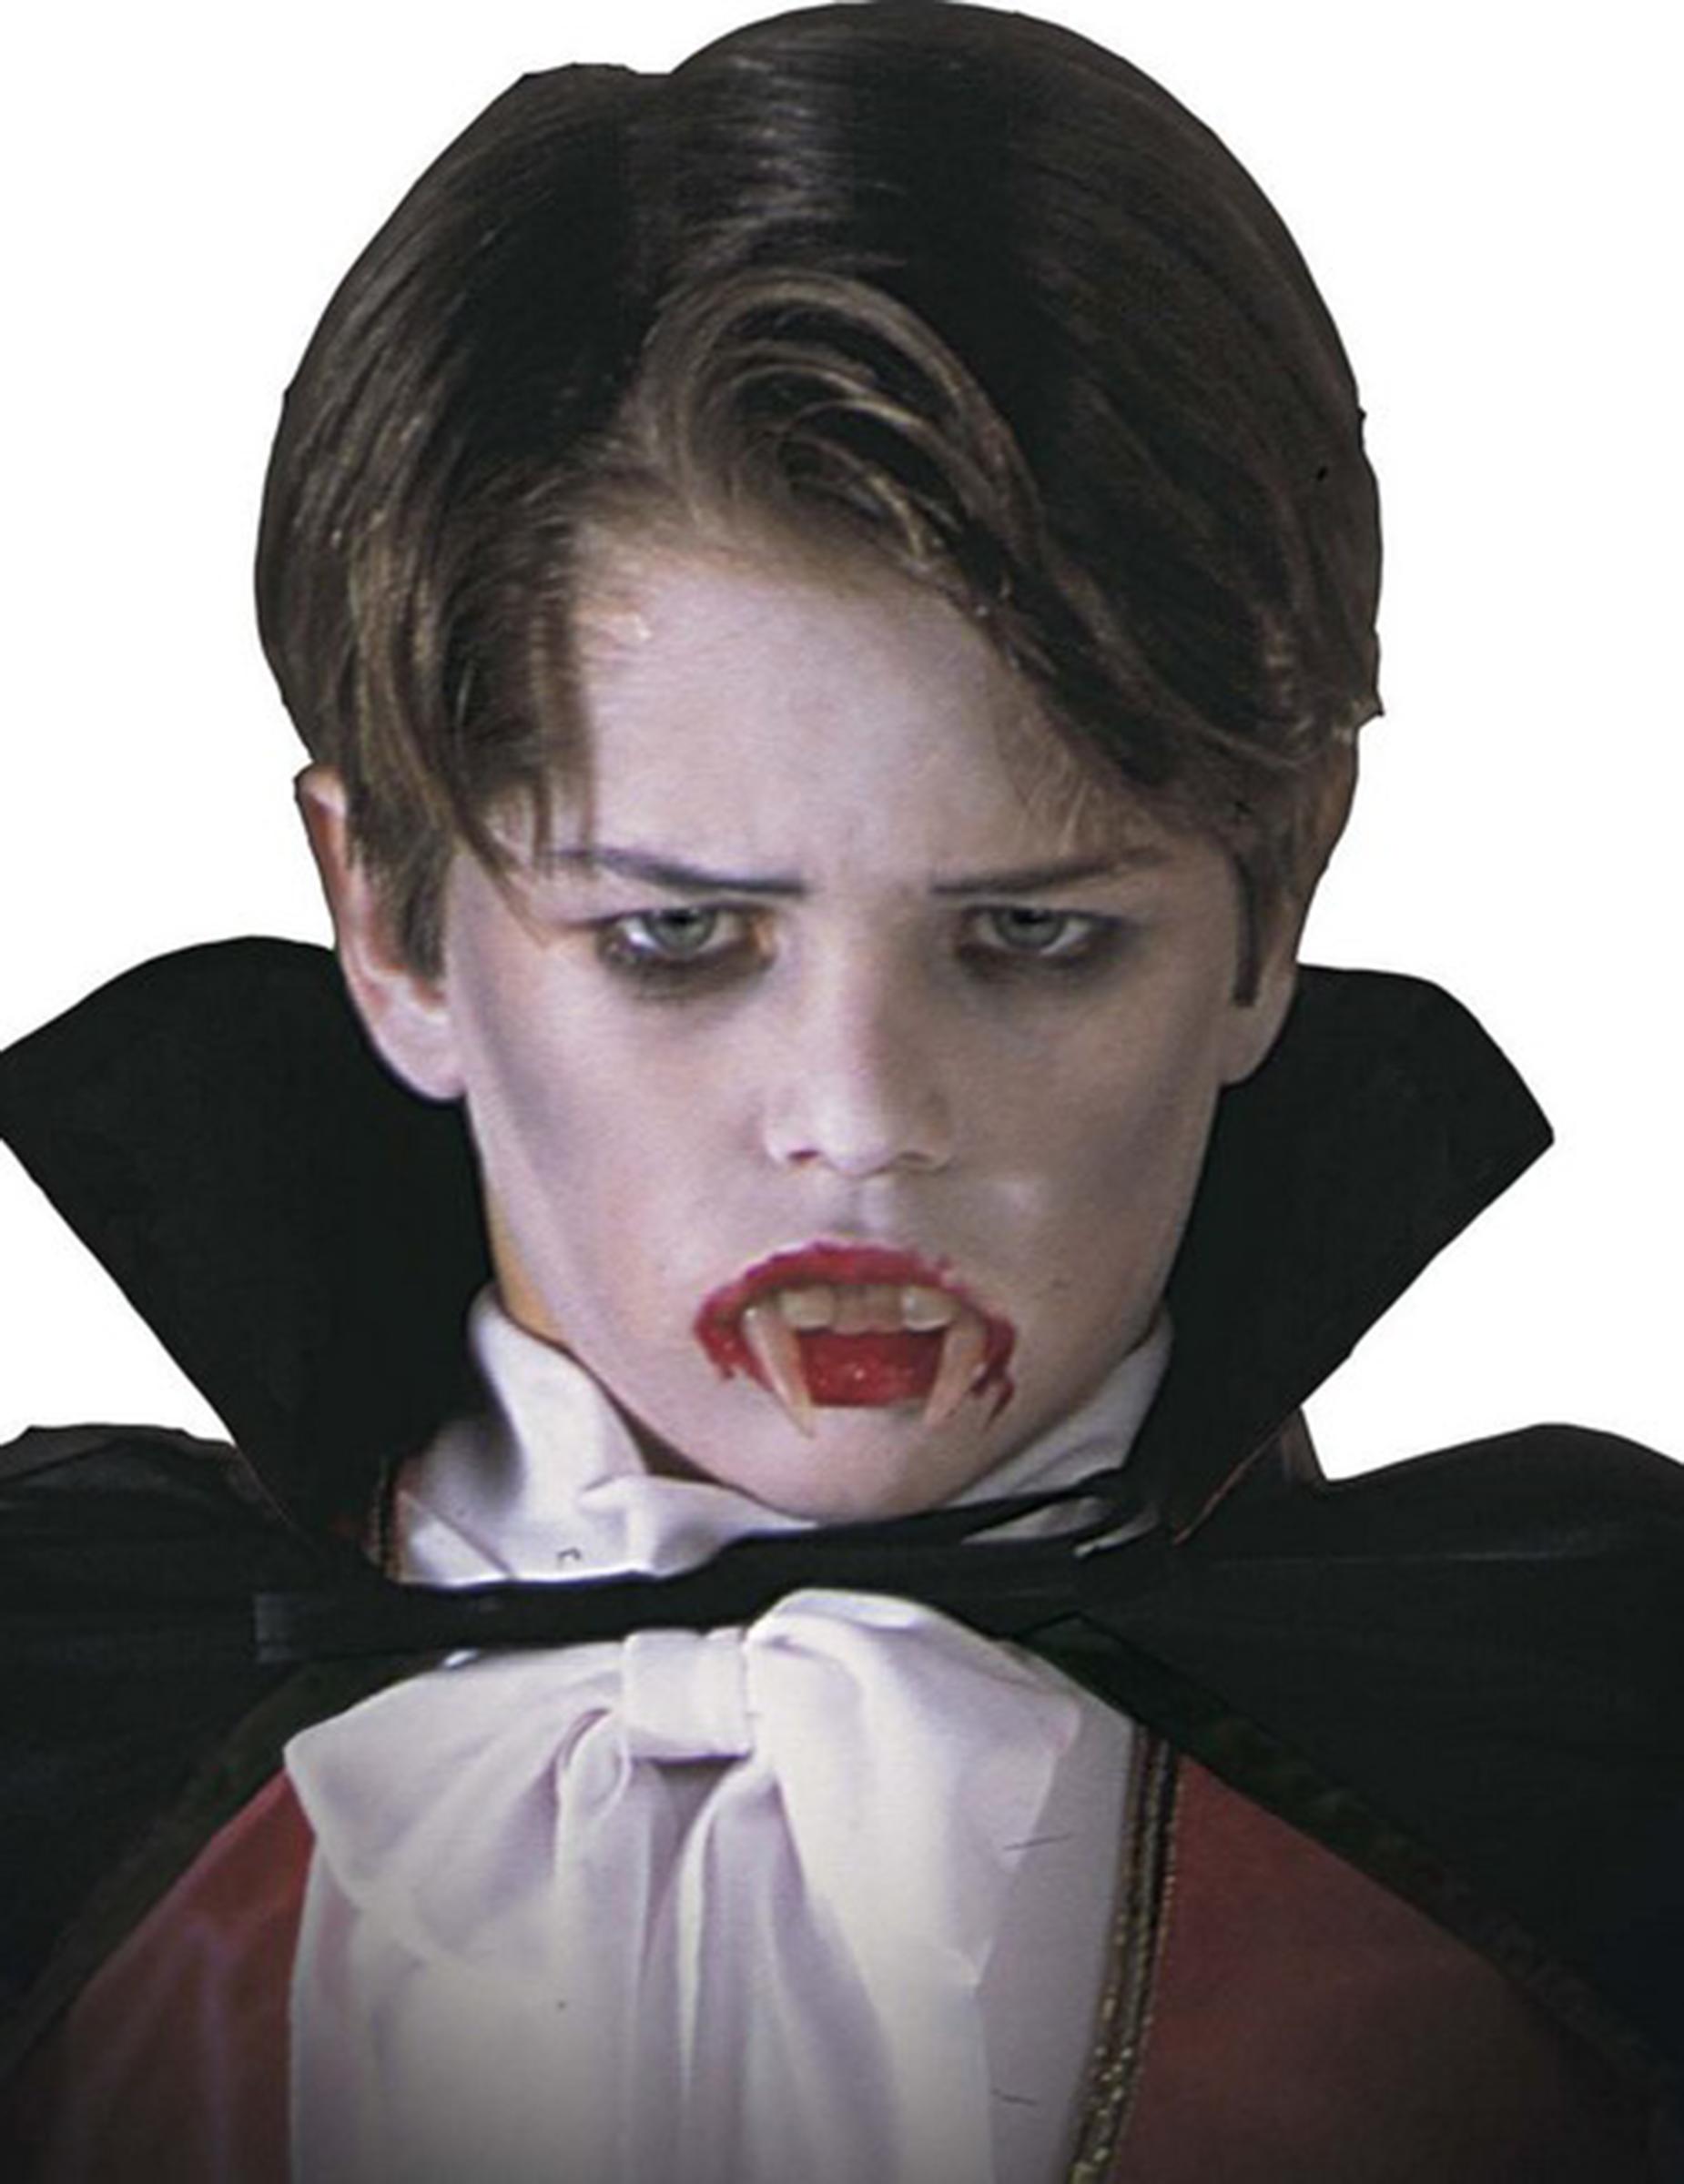 dentier vampire enfant halloween d coration anniversaire et f tes th me sur vegaoo party. Black Bedroom Furniture Sets. Home Design Ideas